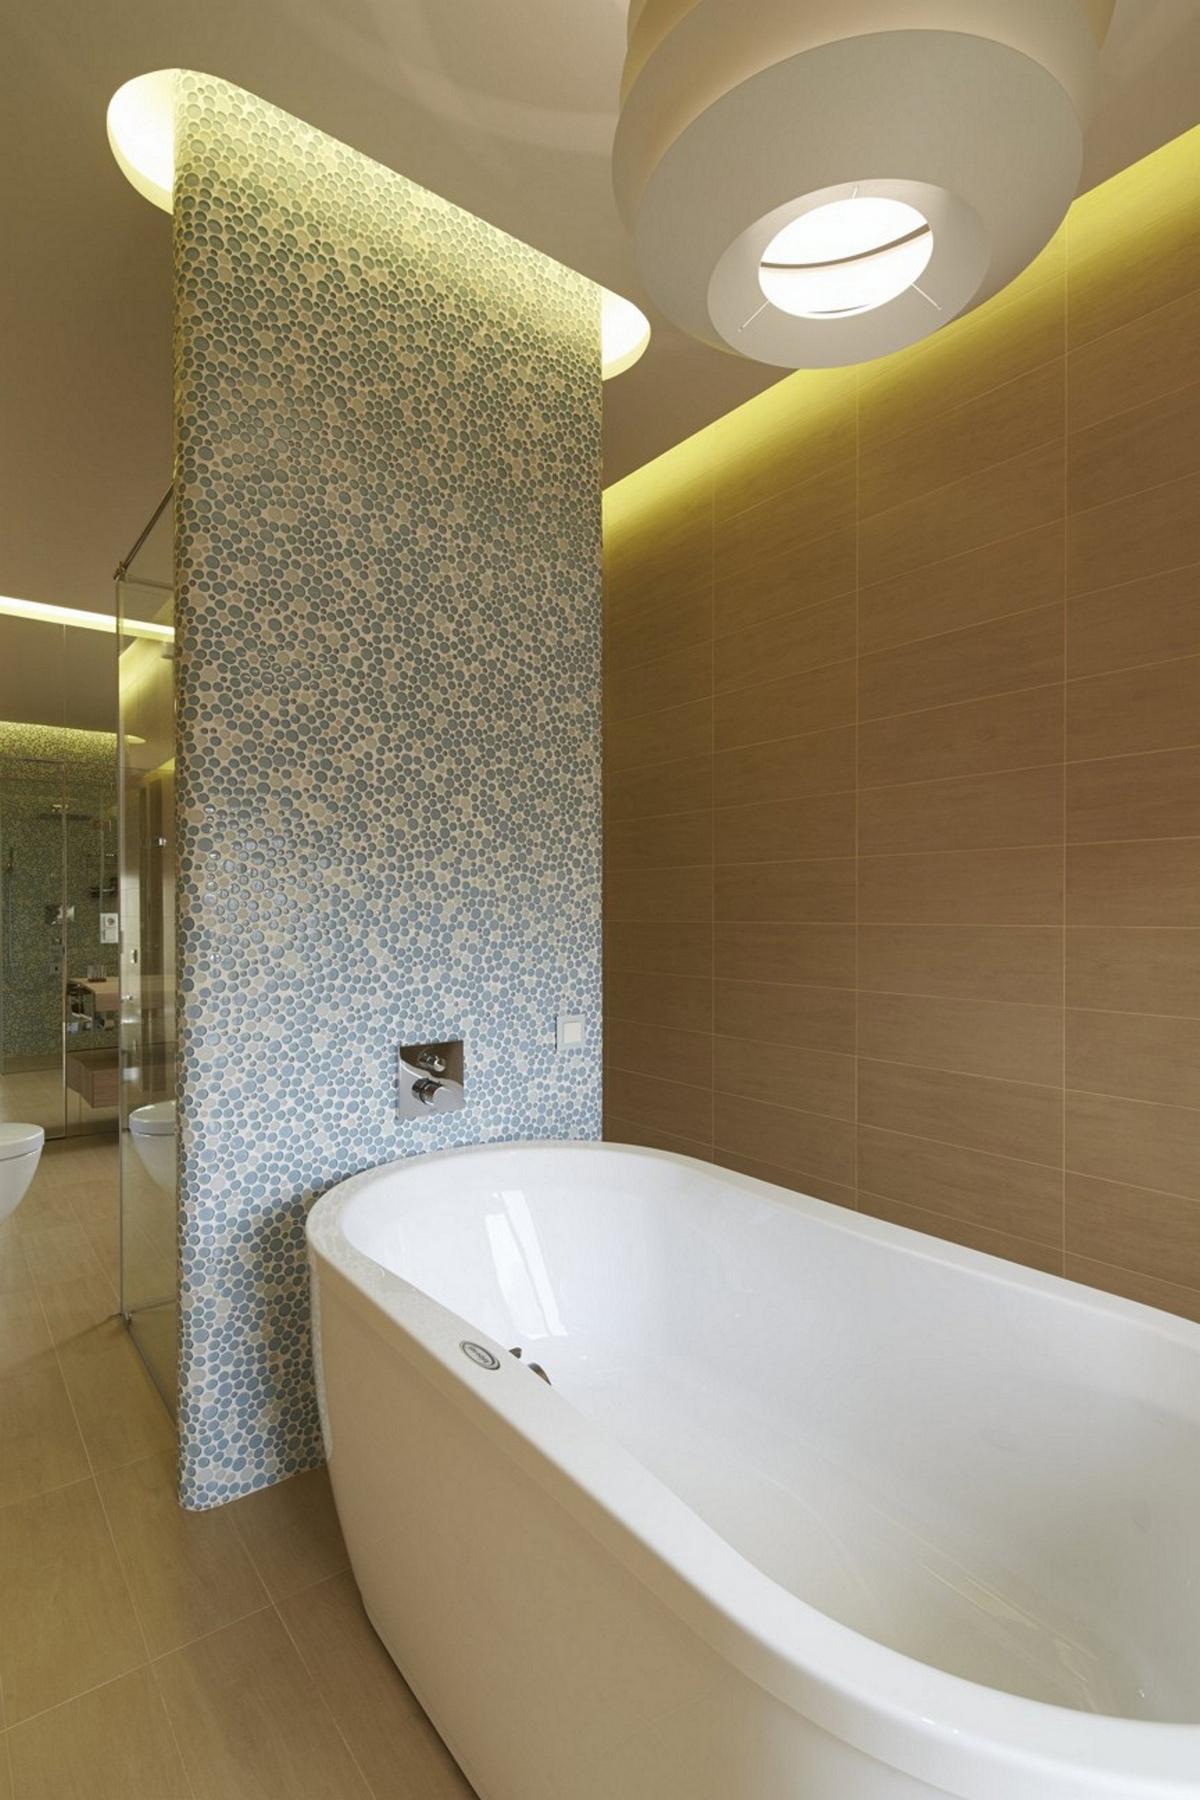 Загородный дом «», ванная, фото из проекта